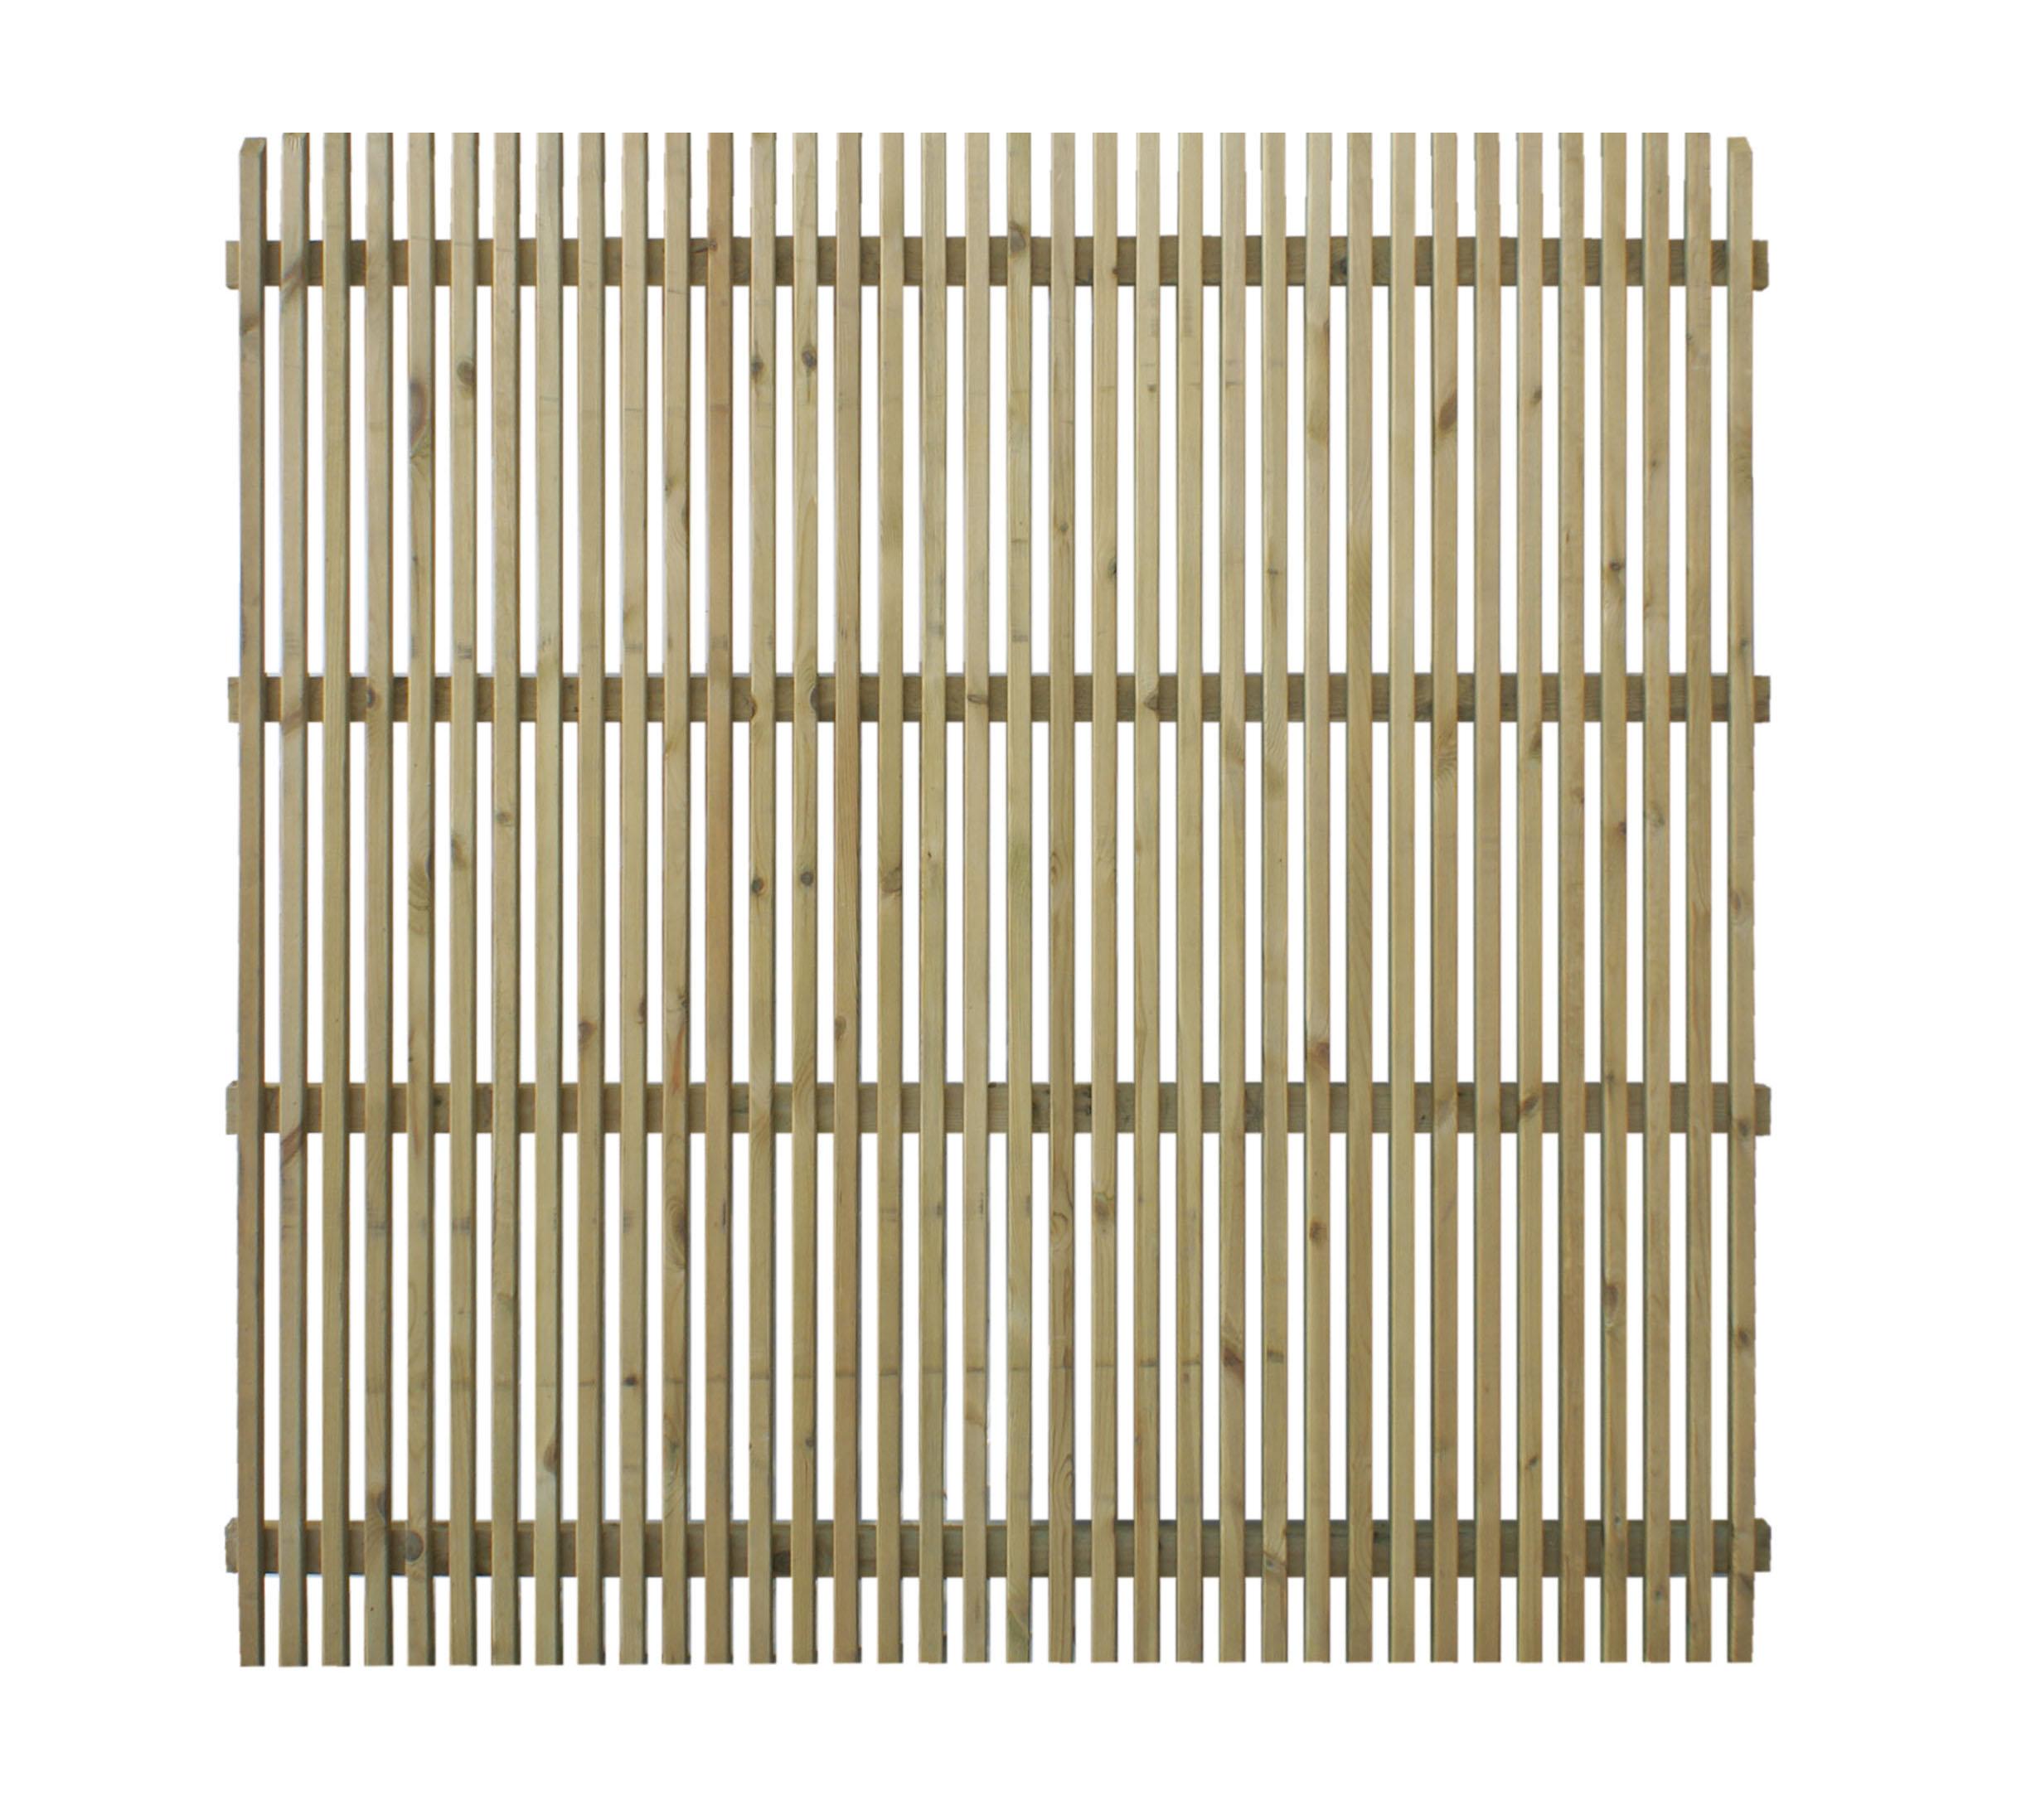 Exterior Living | Tuinscherm Plano 180x180 cm